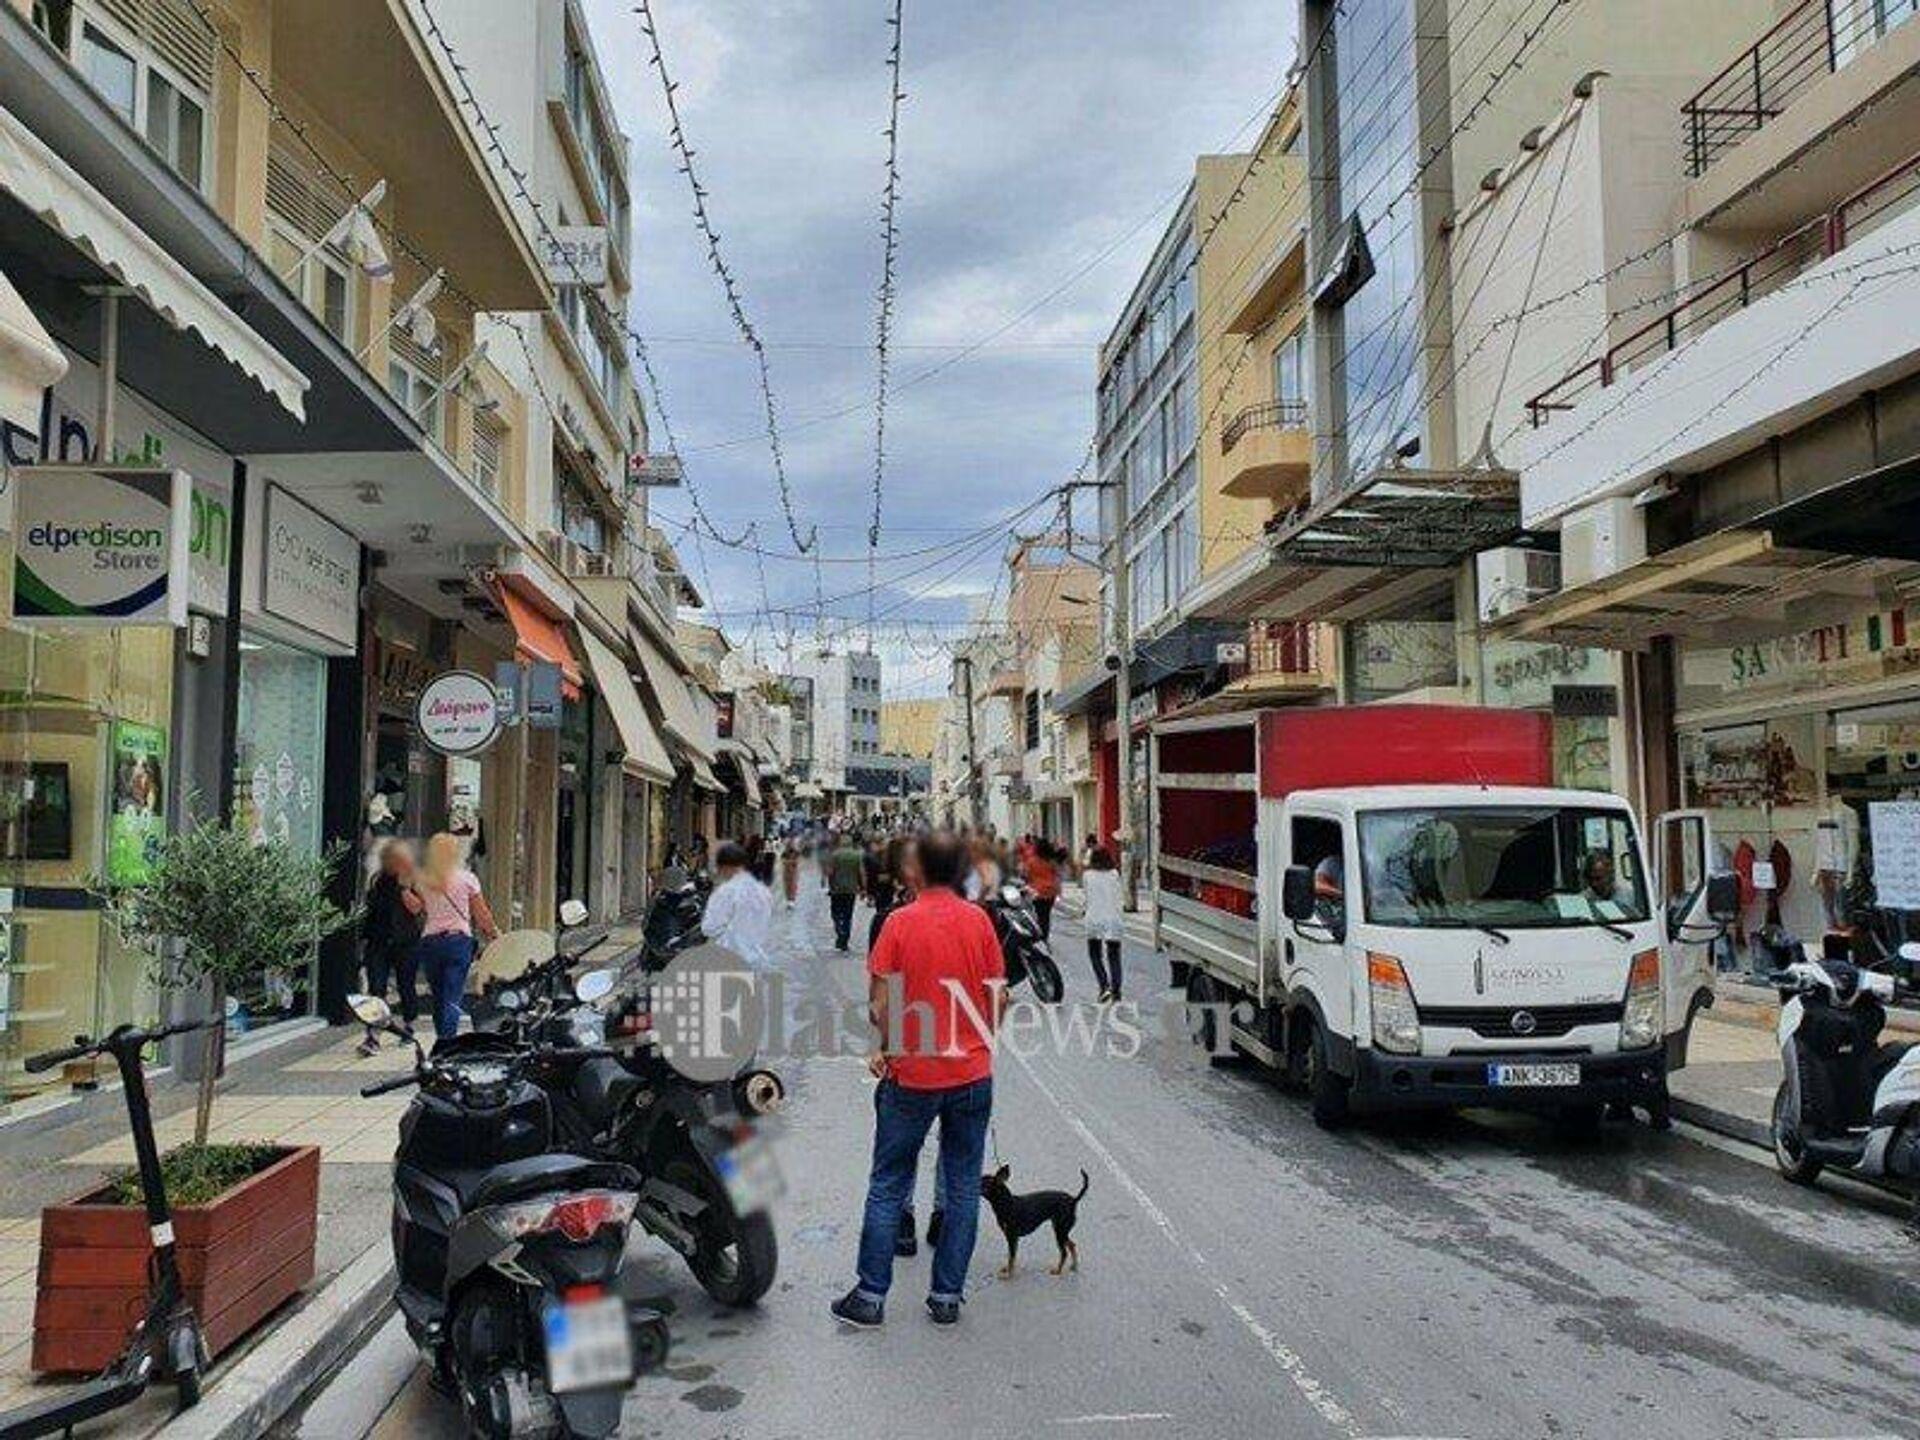 Οι πρώτες εικόνες μετά τον σεισμό των 6,3 Ρίχτερ στην Κρήτη - Sputnik Ελλάδα, 1920, 12.10.2021